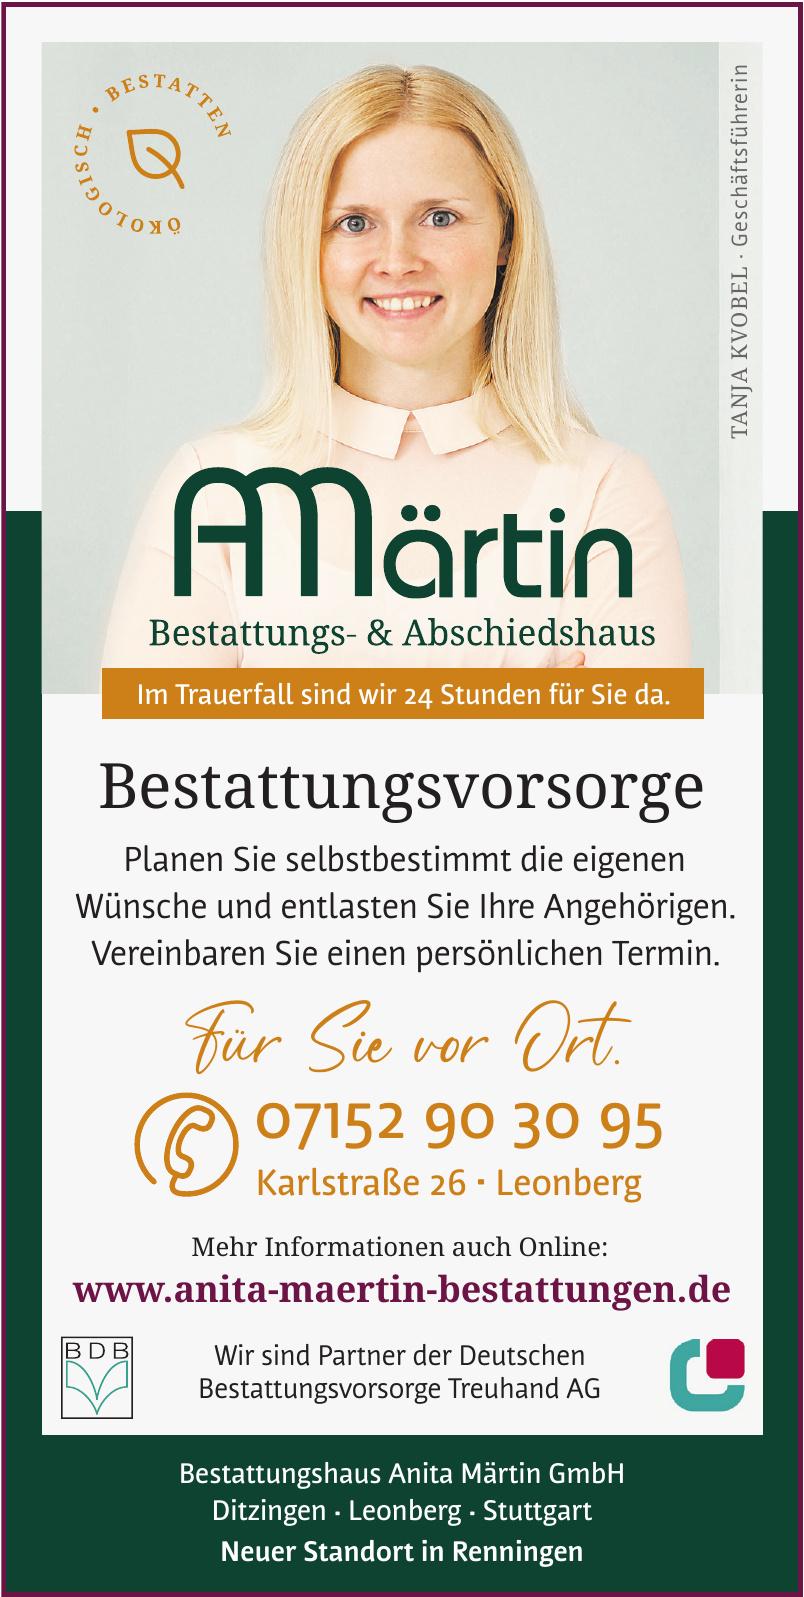 Bestattungshaus Anita Märtin GmbH